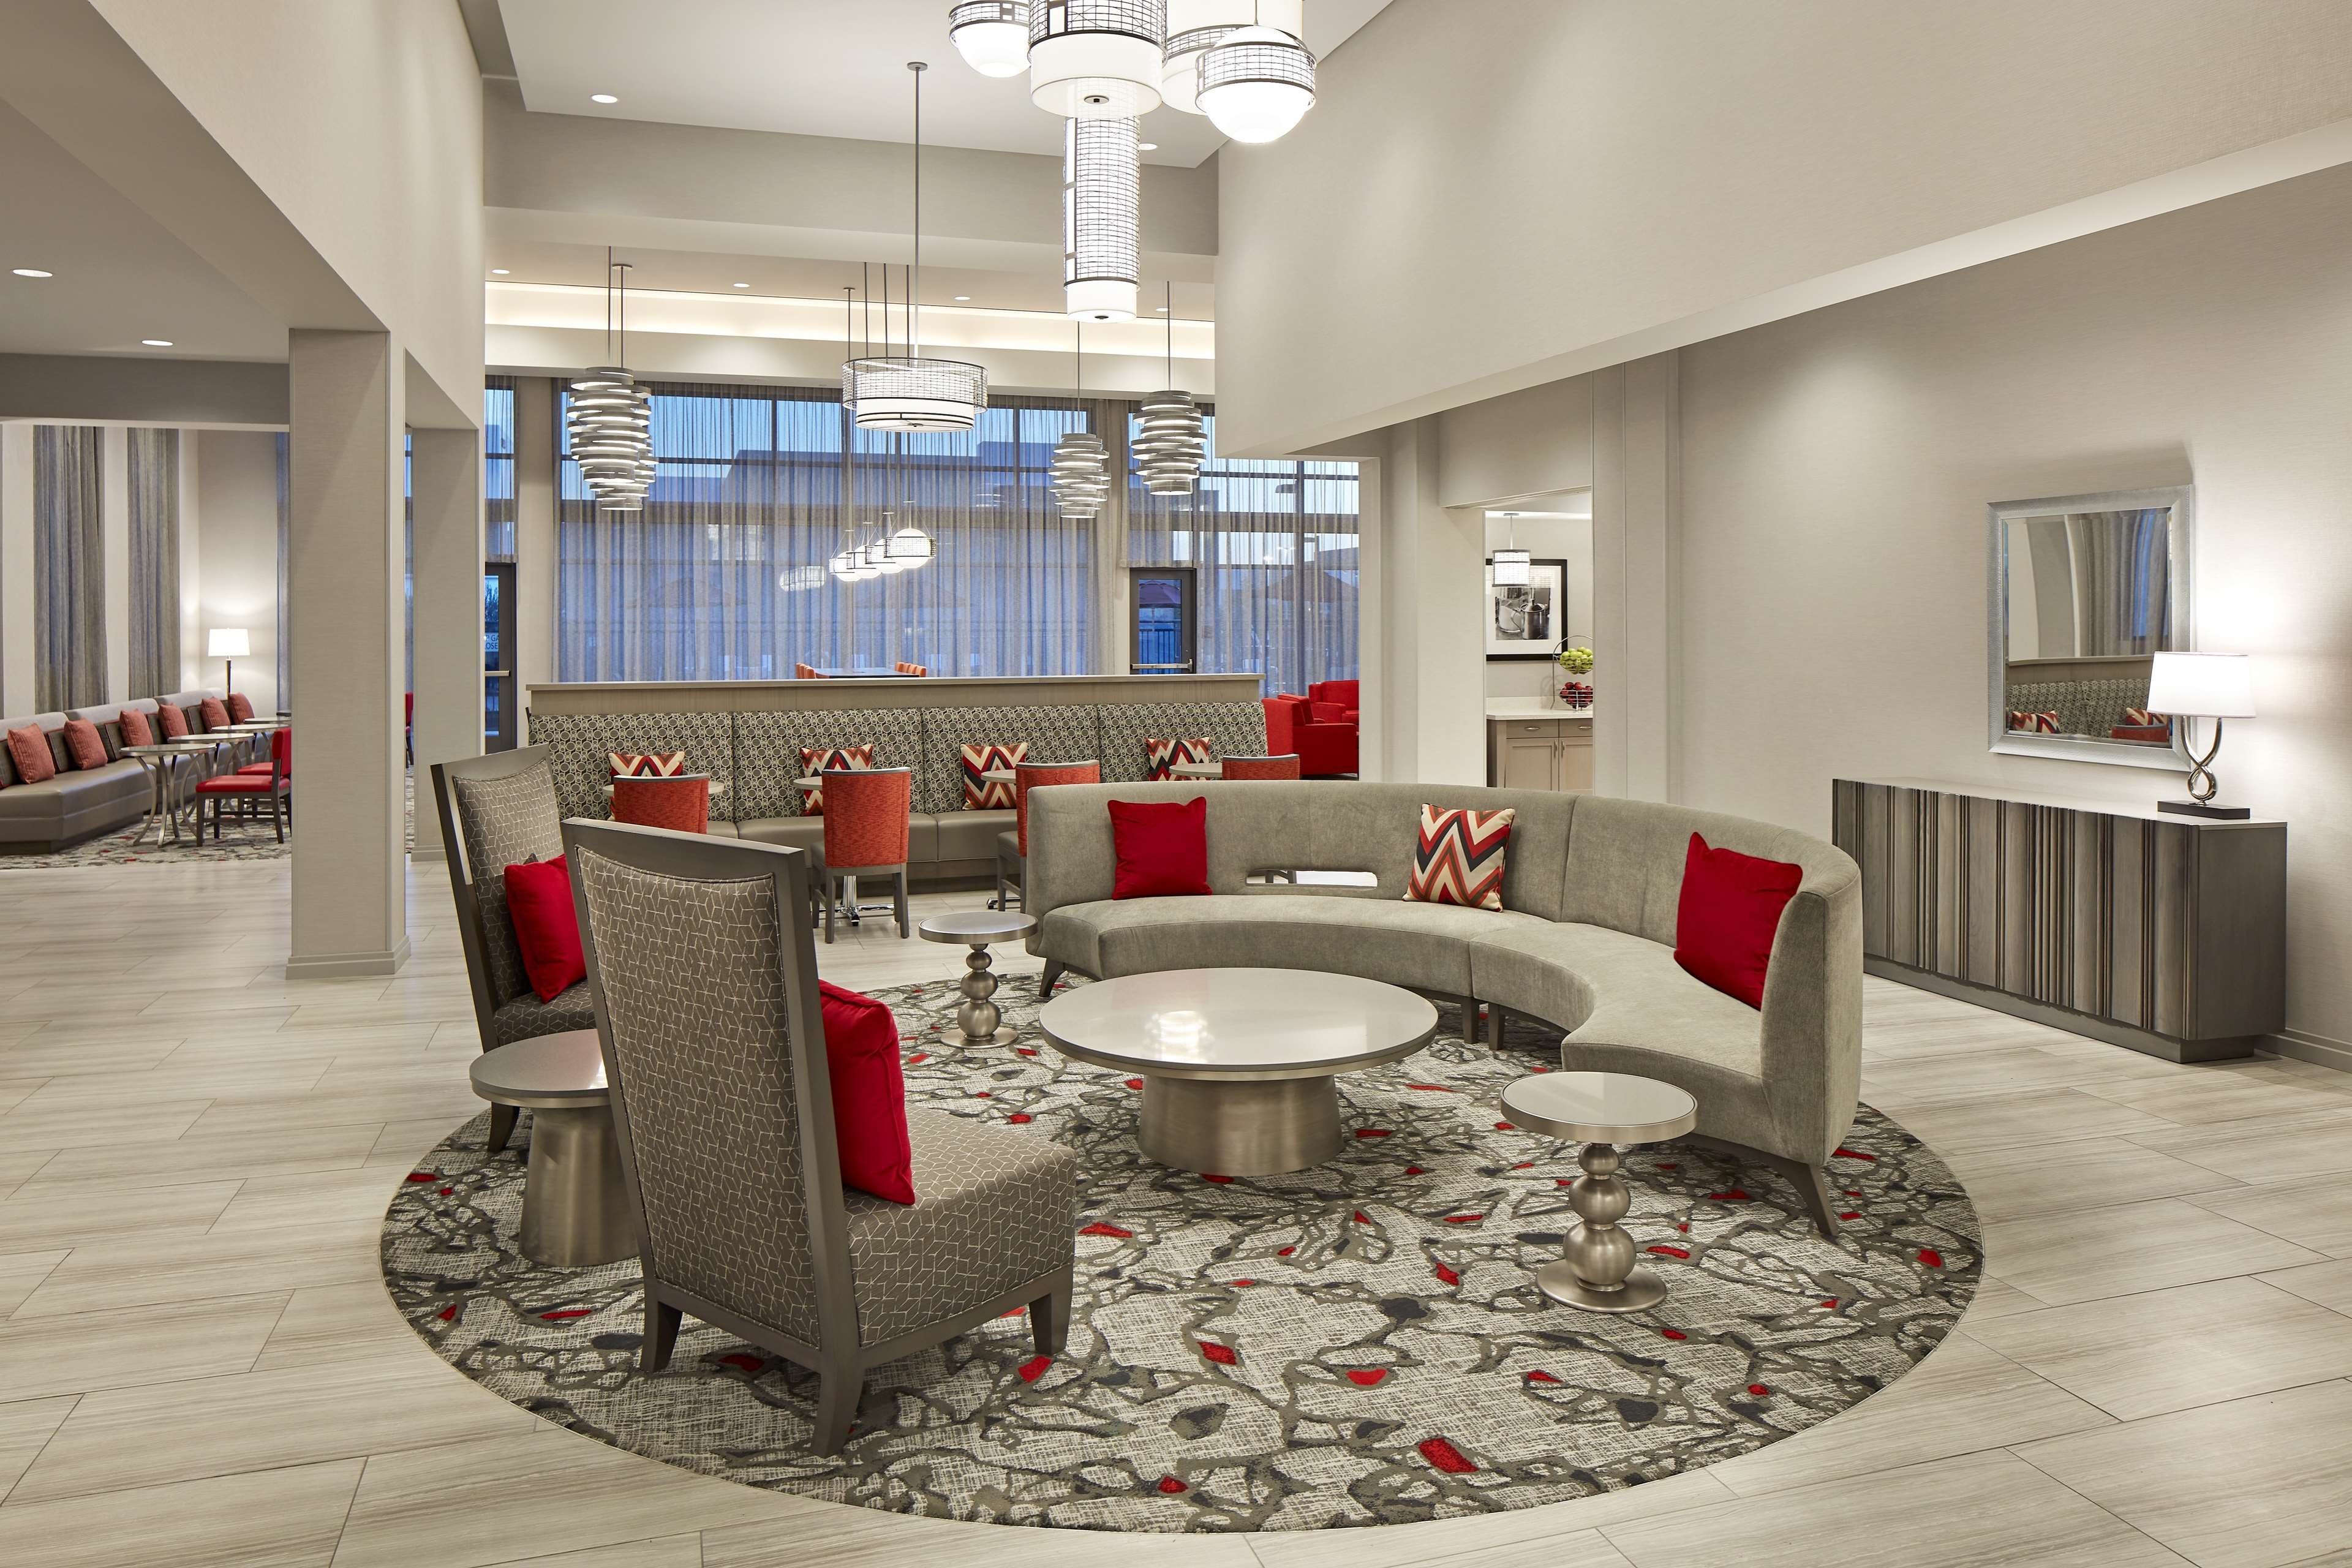 Hampton Inn Long Beach Airport image 9